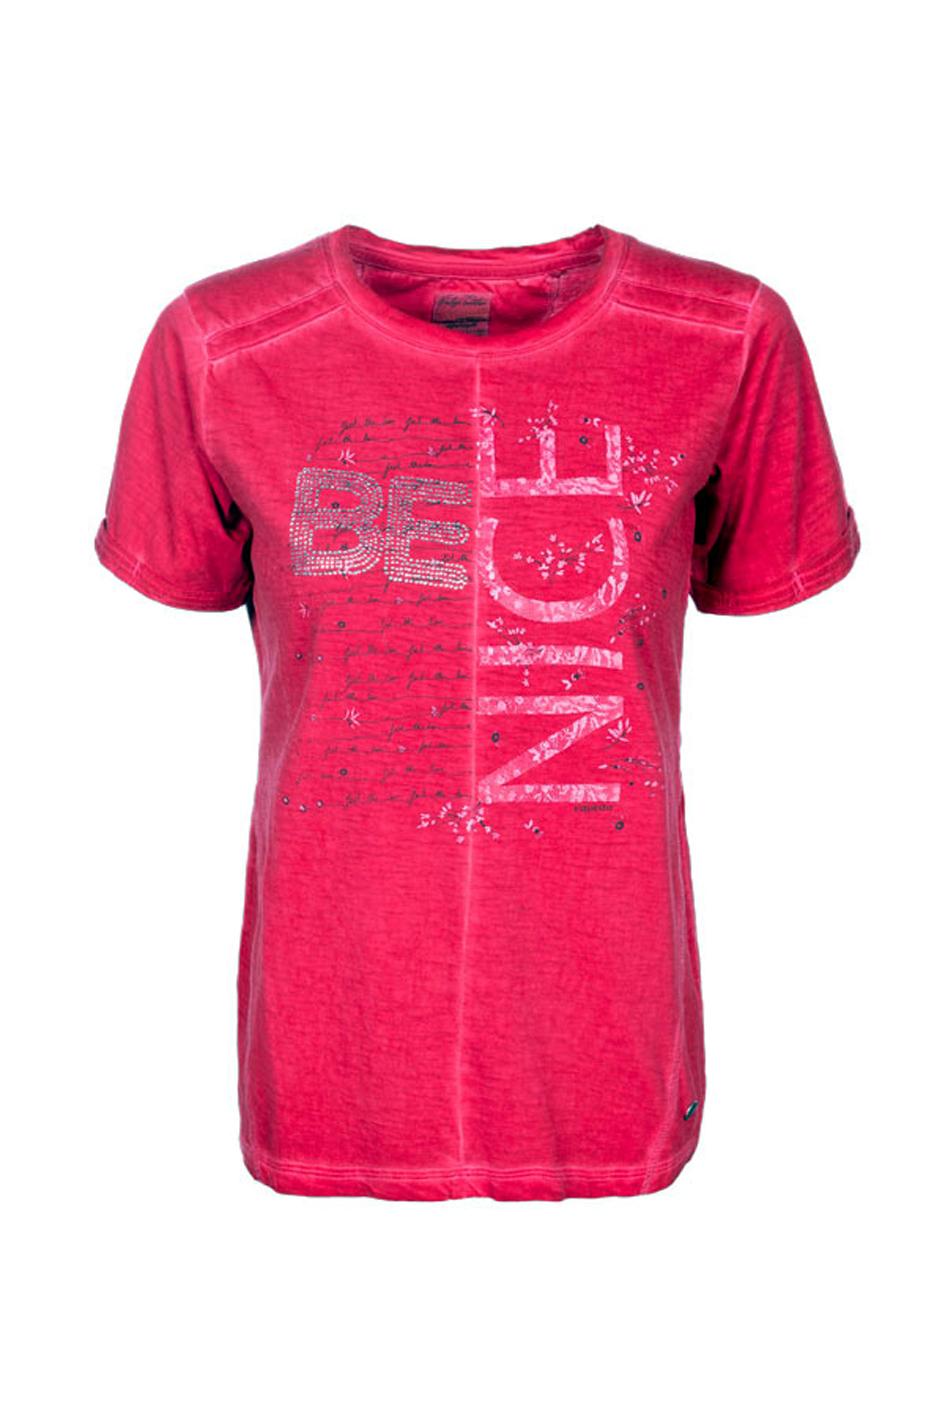 Soquesto Shirt Ibke